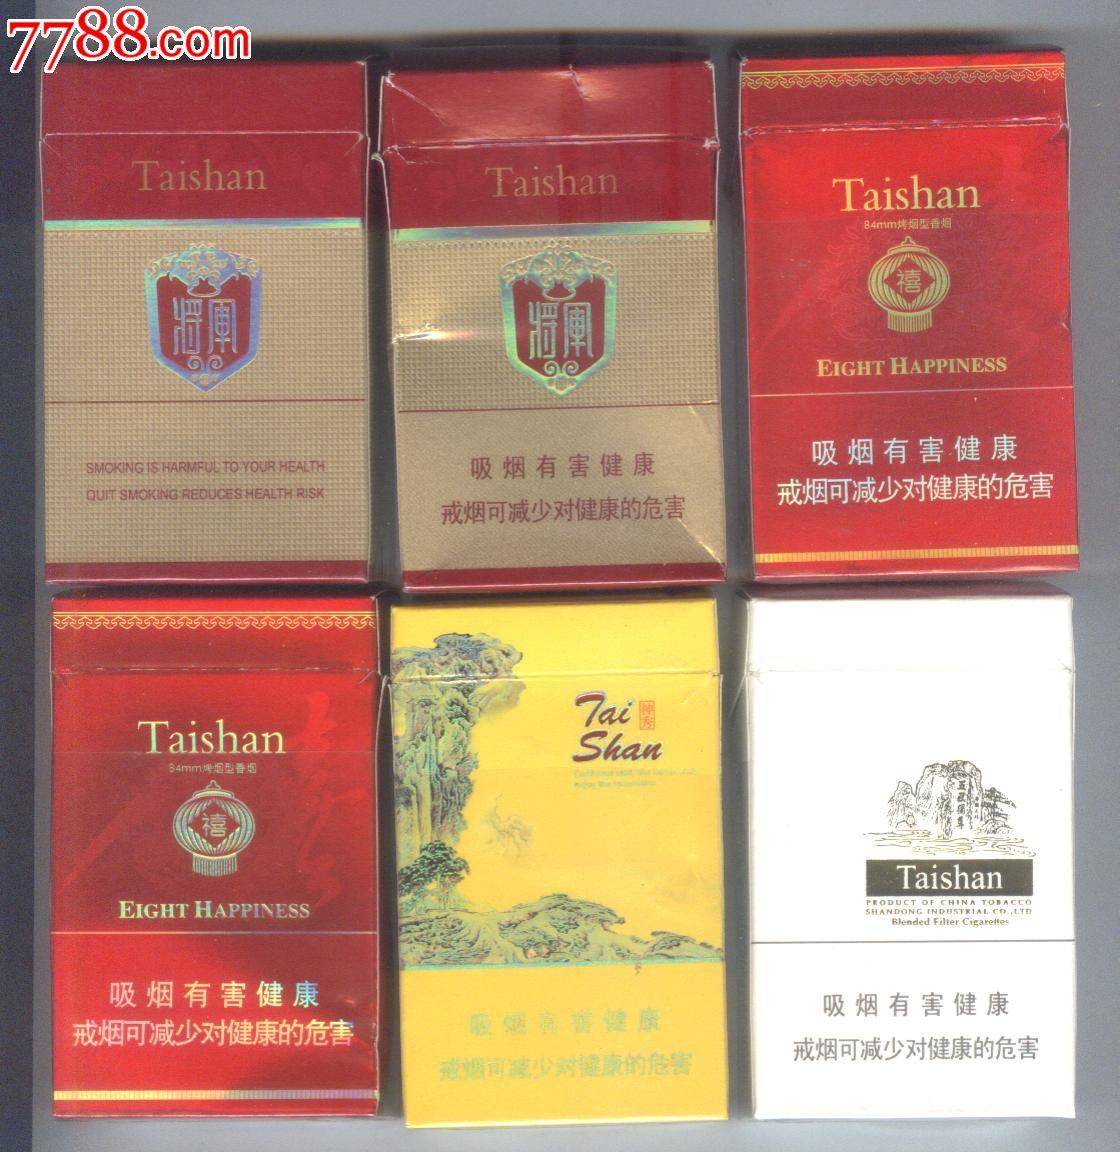 泰山烟标6种不同:将军2种,八喜2种,神秀,8mg